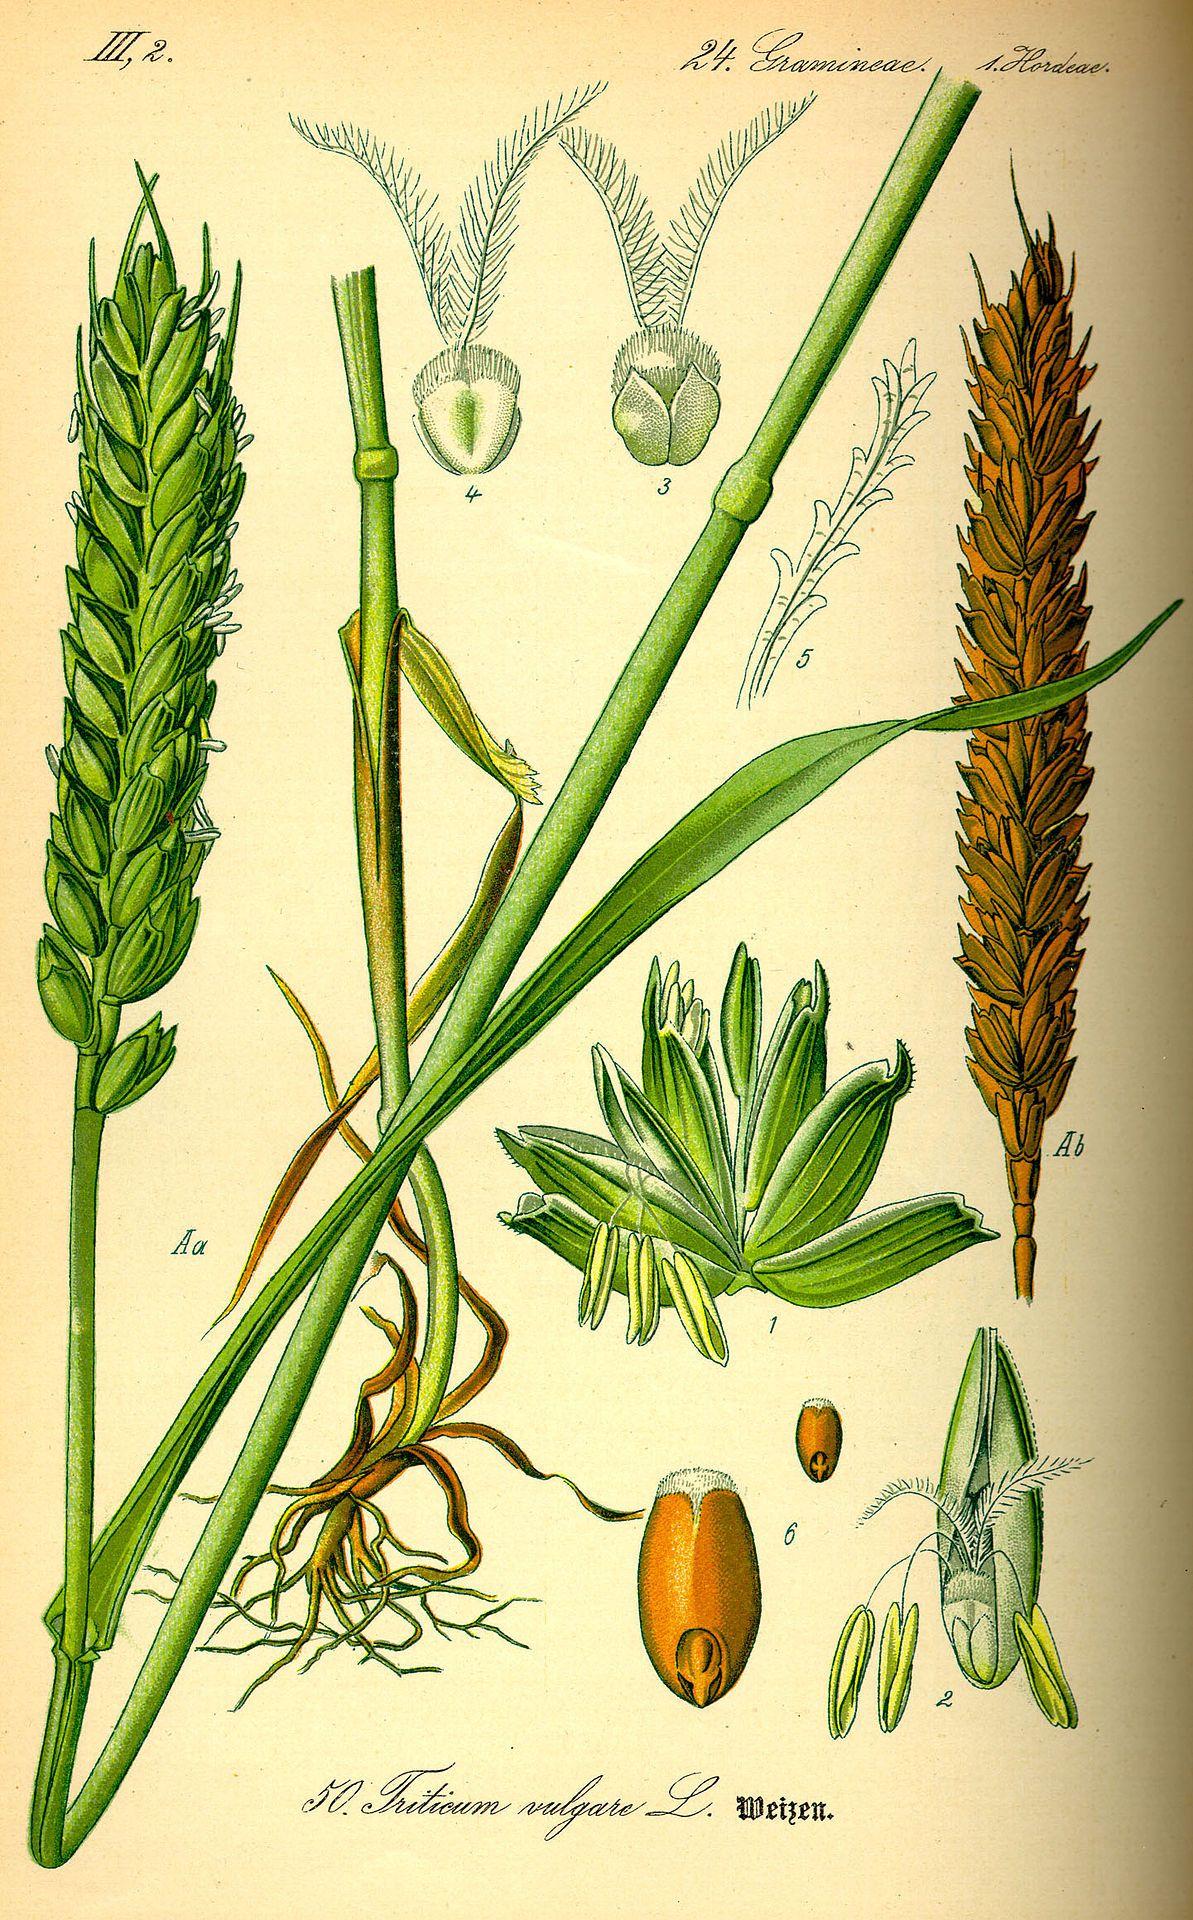 Ilustracion Morfologia De La Planta De Trigo Dibujos Botanicos Grabados Botanicos Ilustracion Planta